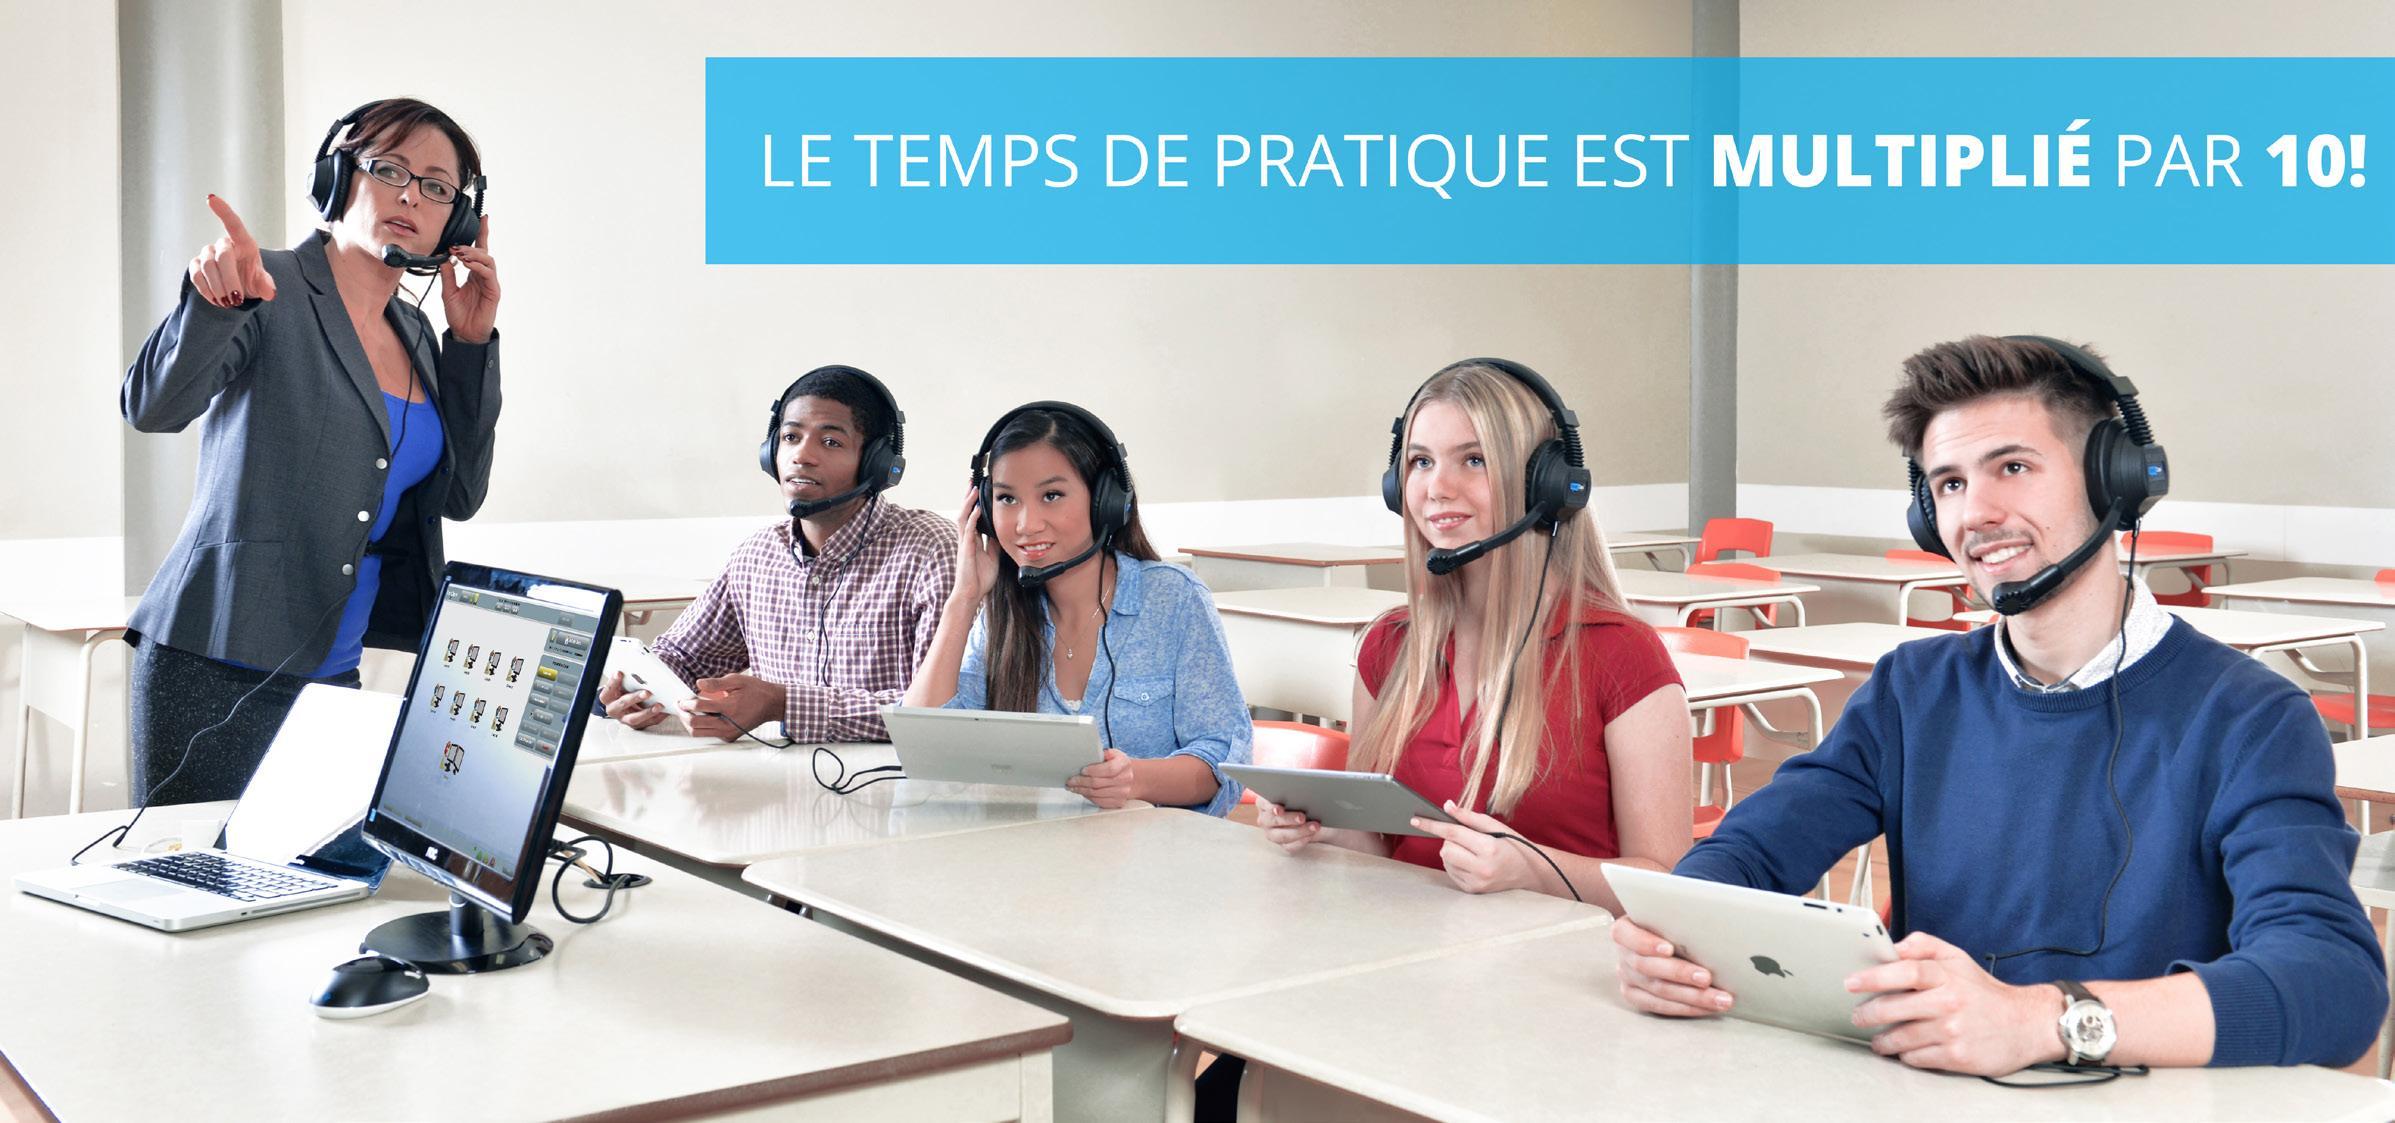 smartclass pratique cours anglais multiplié par 10